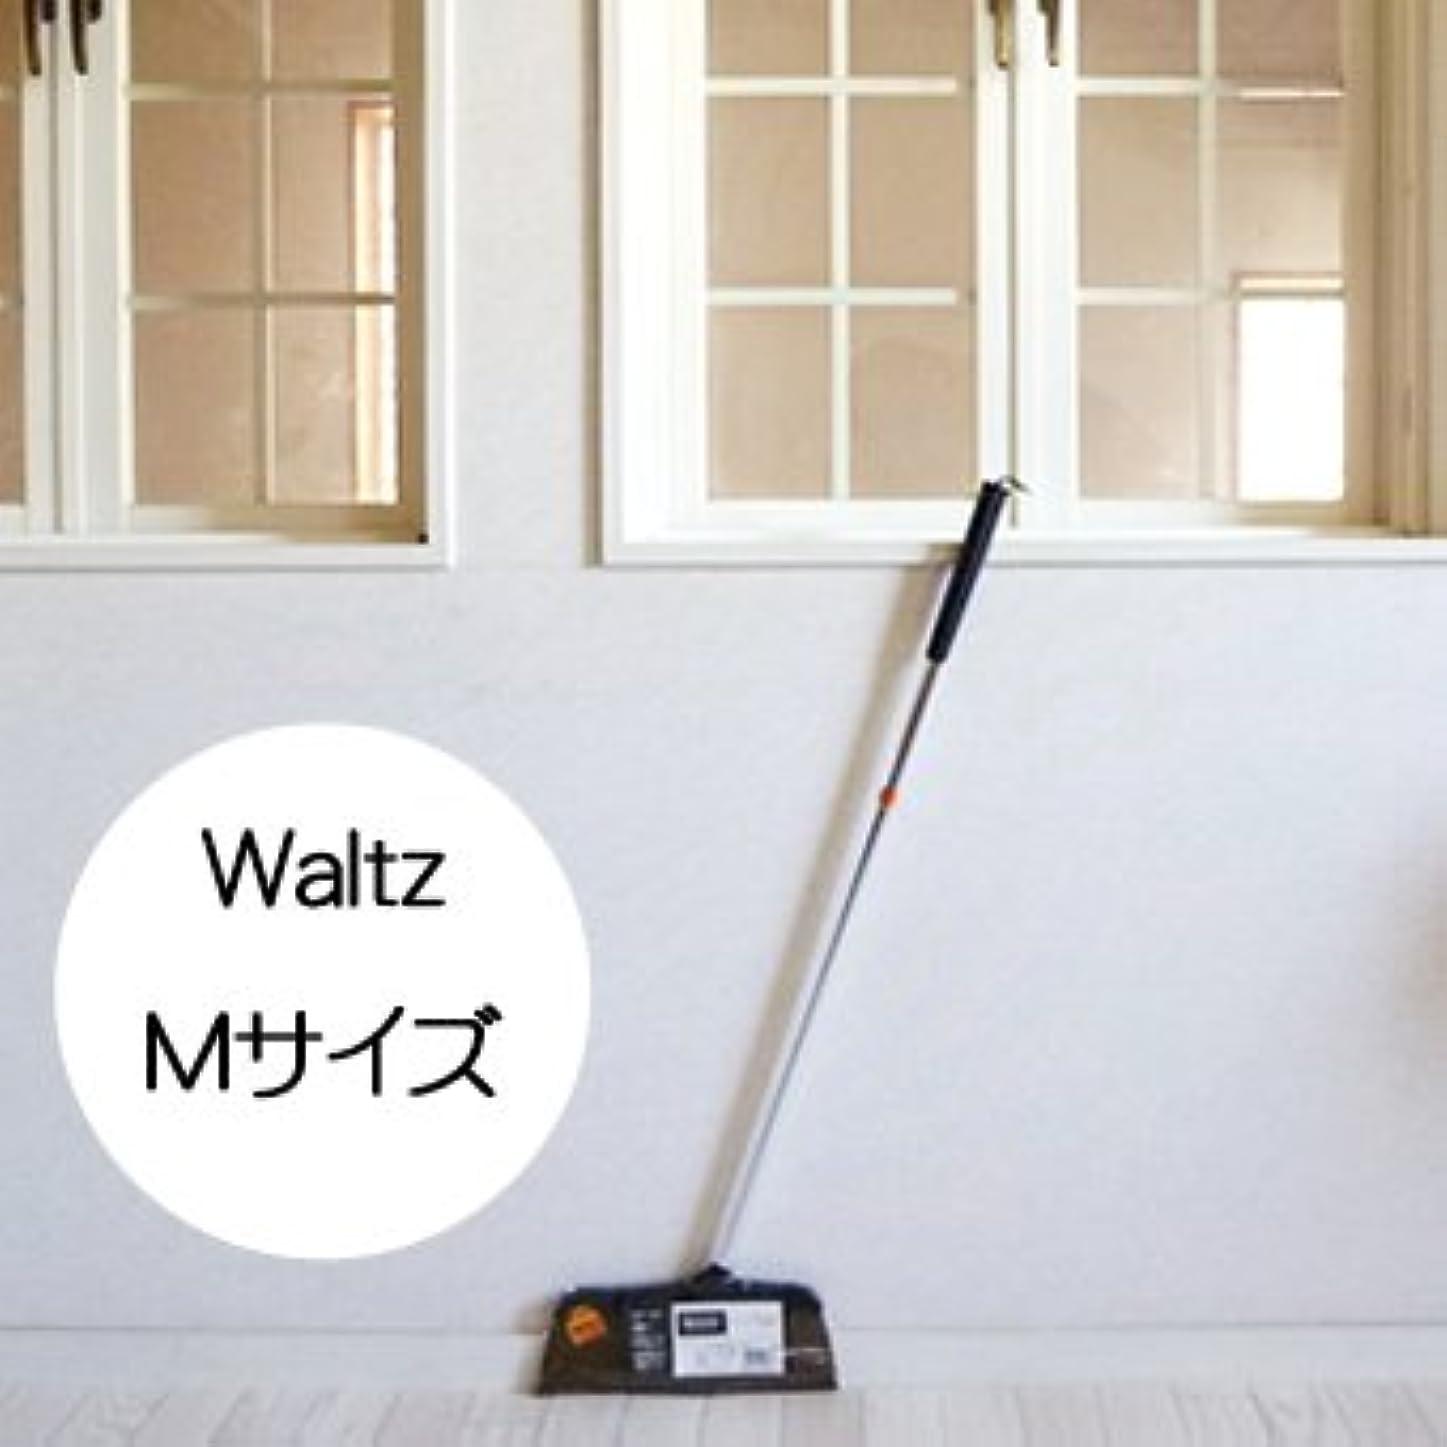 重荷ストリームどういたしましてWALTZ ワルツほうき M│美容師さんが選ぶホーキ!軽くて掃きやすい?